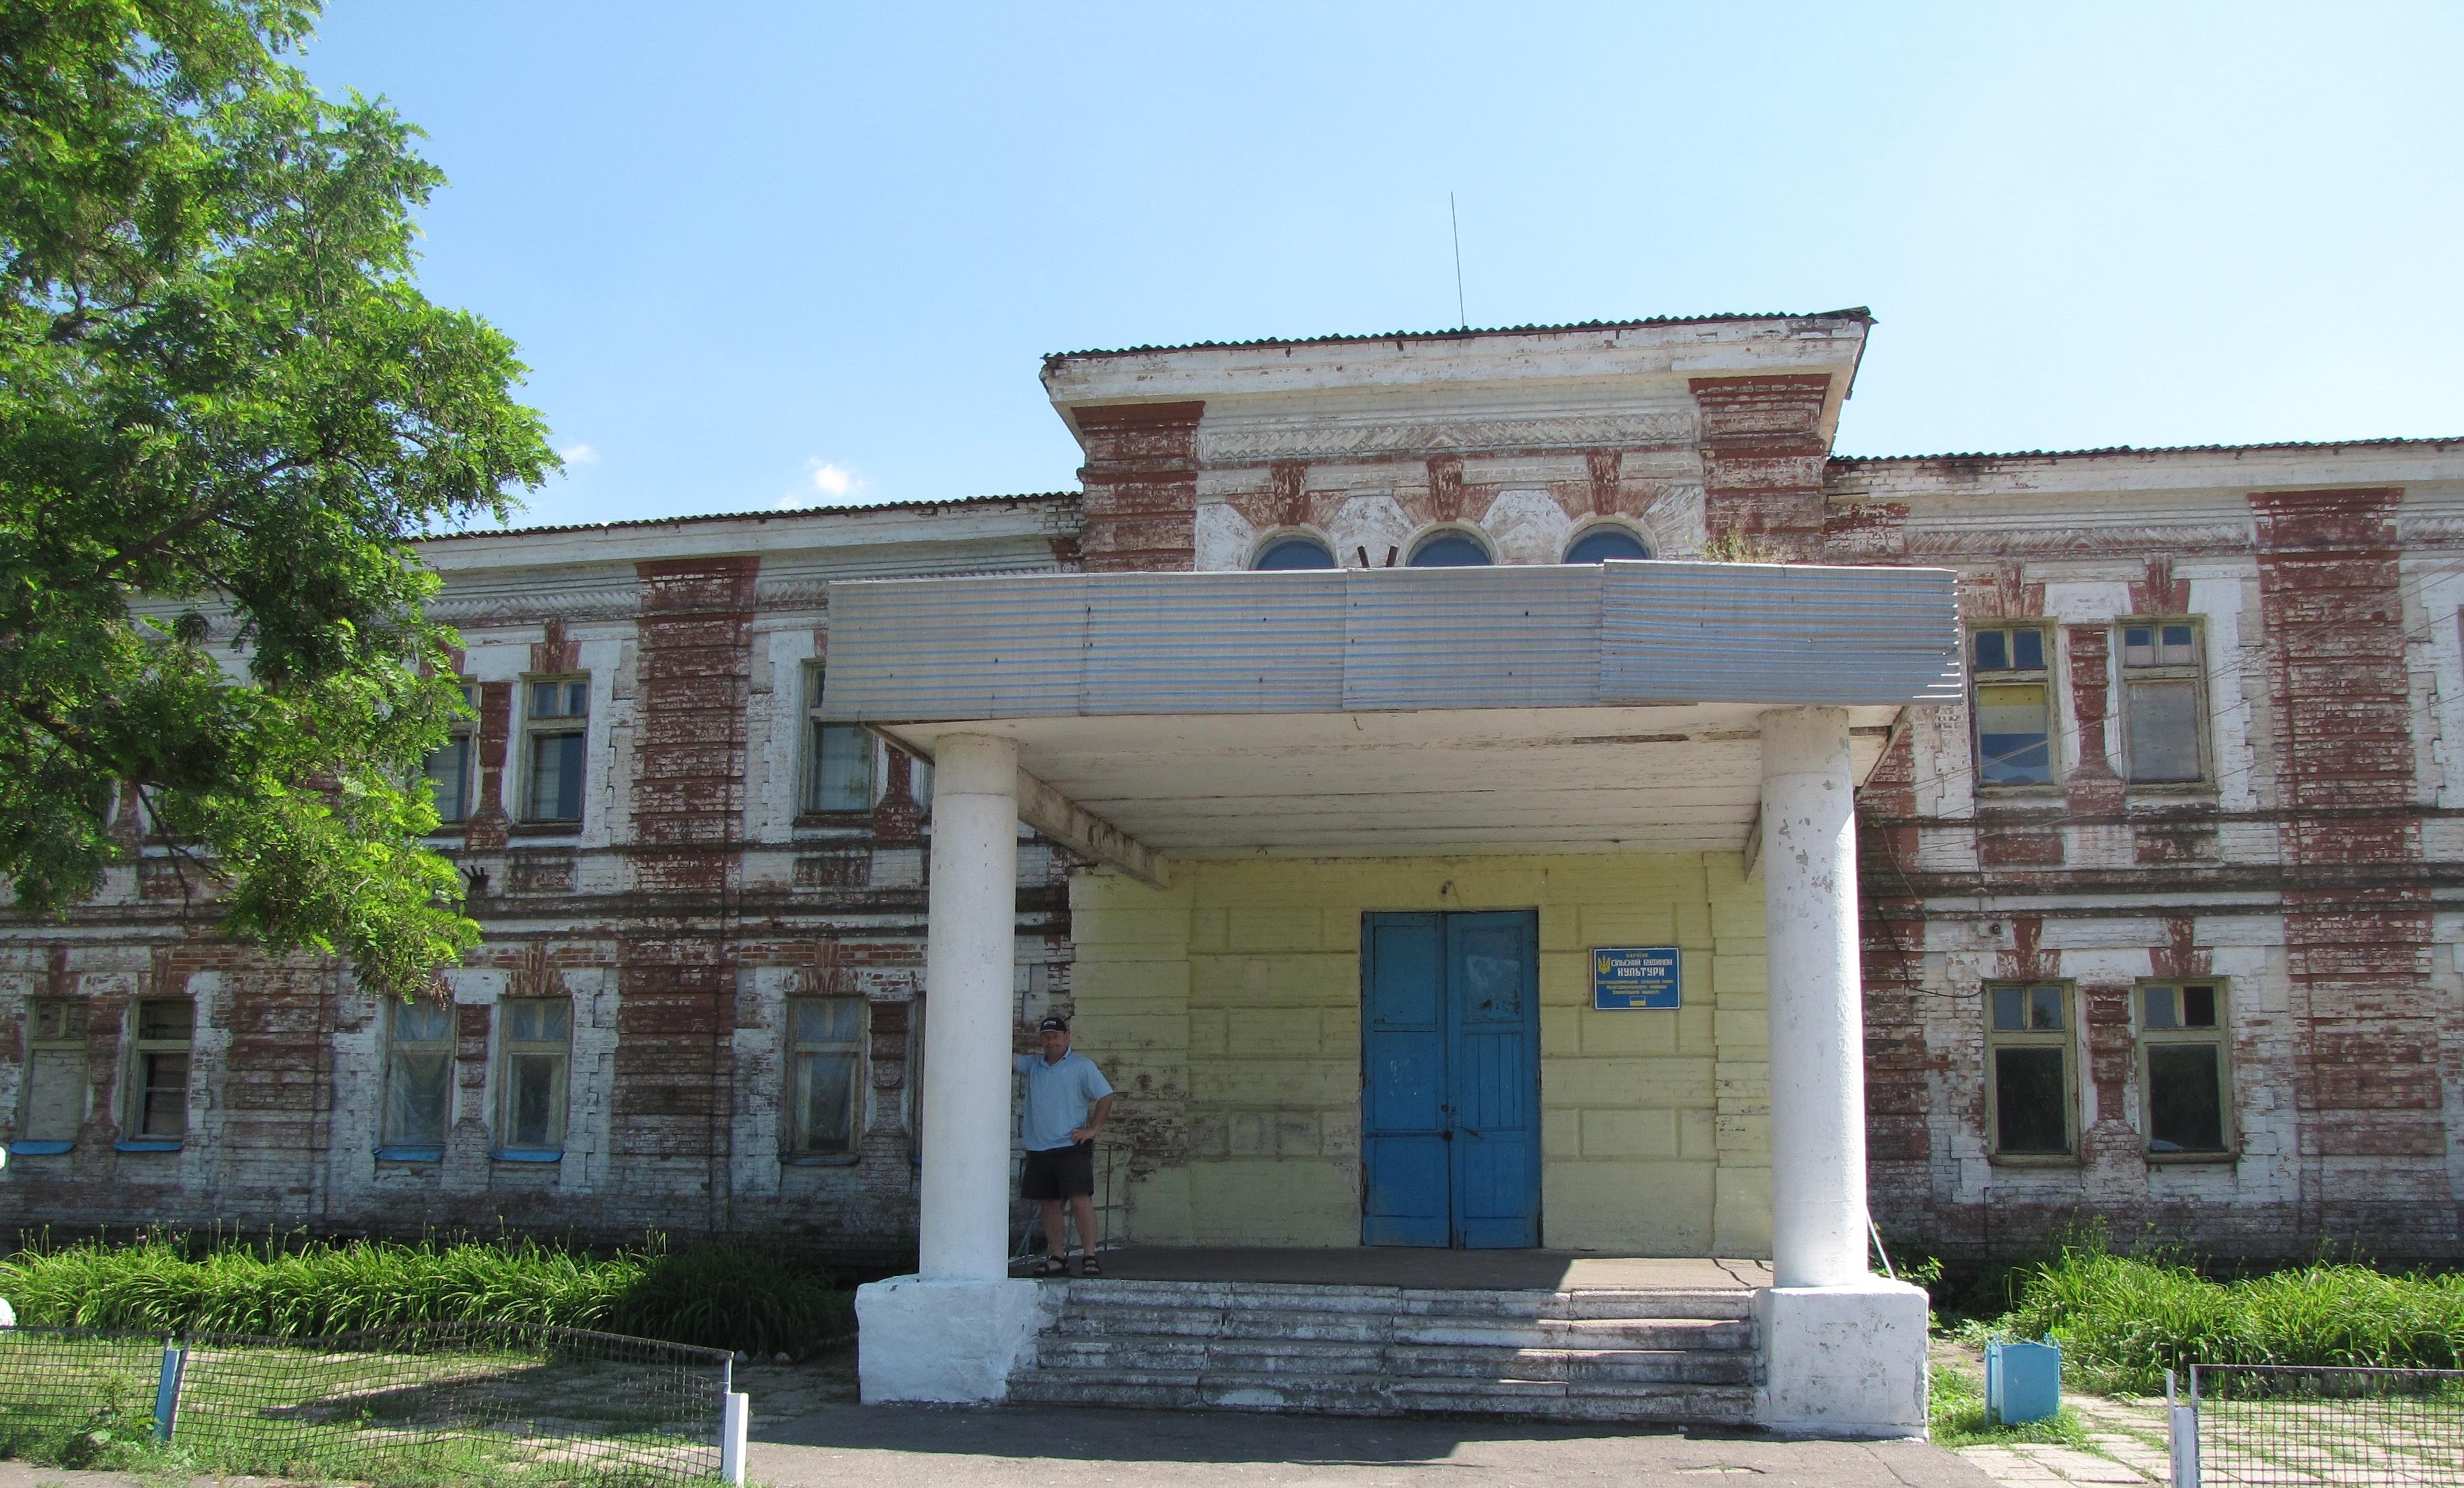 school for the deaf tiege ukraine